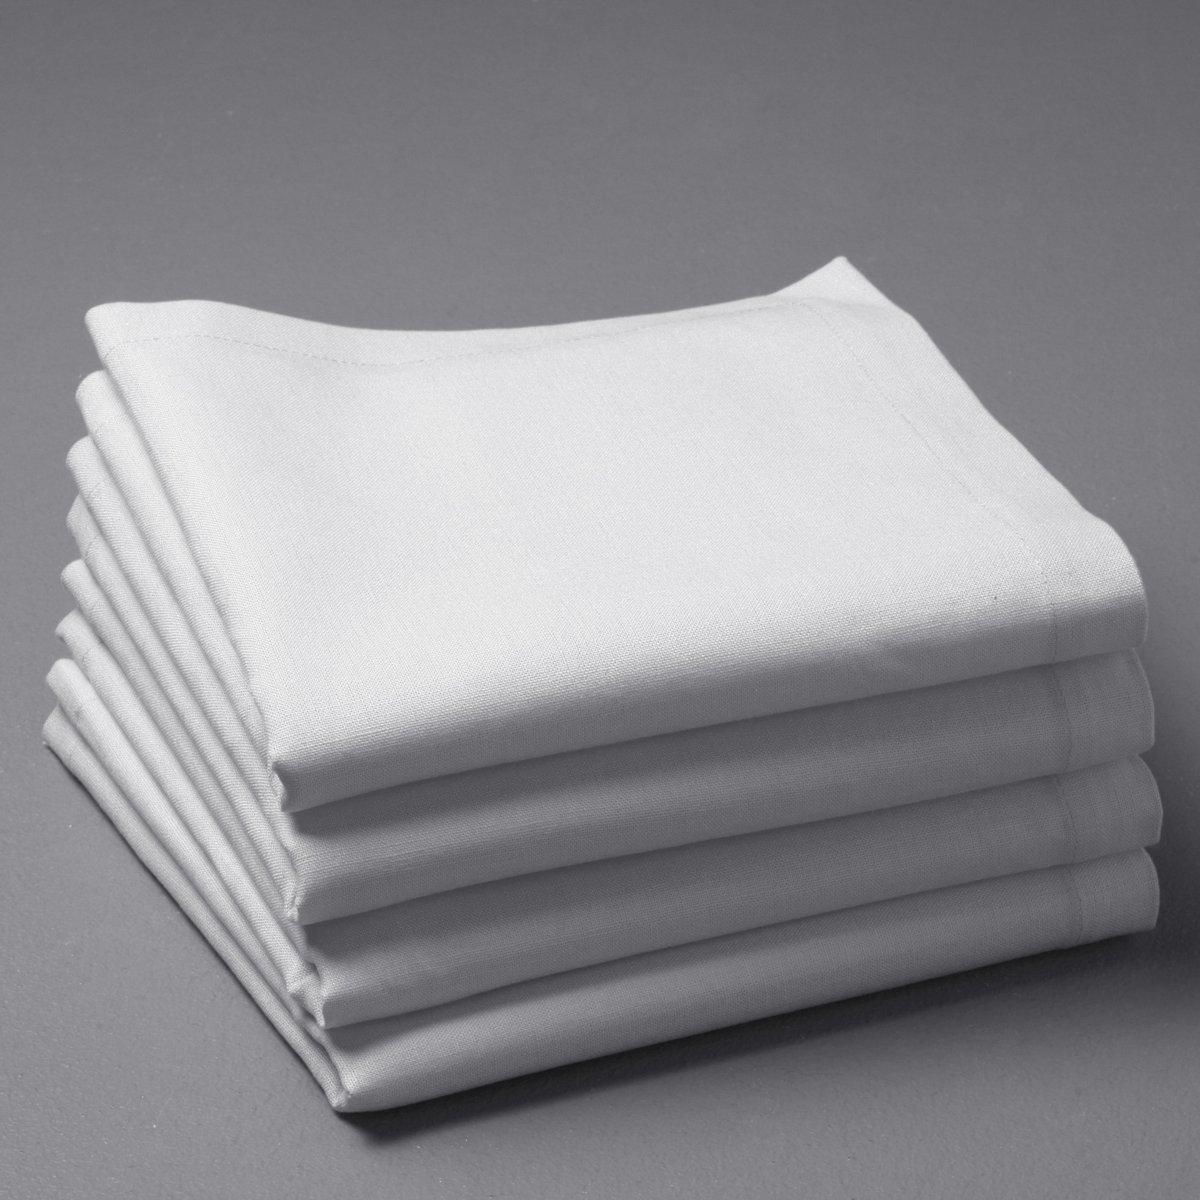 Комплект из салфеток из La Redoute Льна и хлопка BORDER 45 x 45 см белый комплект из салфеток из la redoute льна и хлопка border 45 x 45 см бежевый